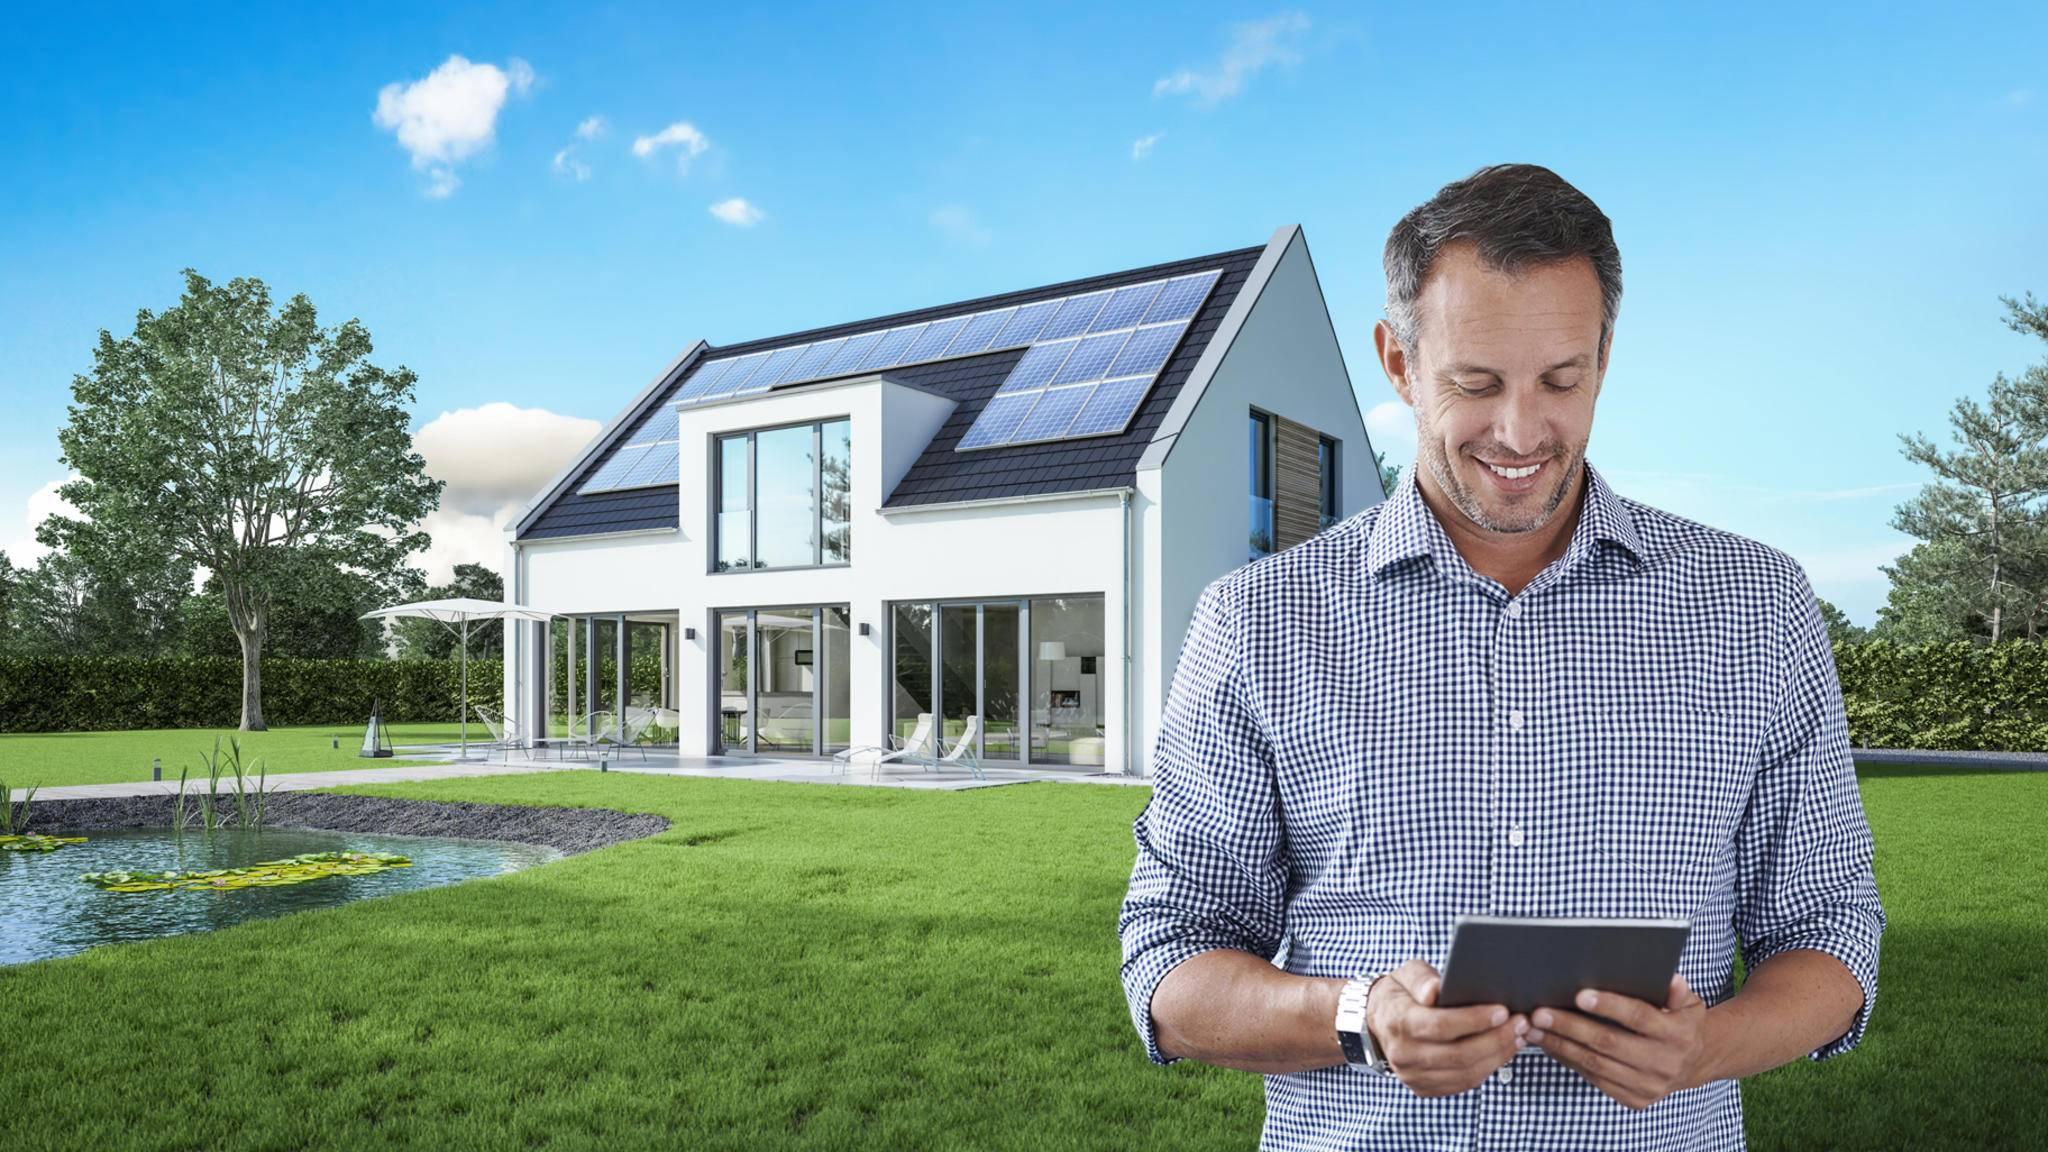 Der Smart Chap soll das meiste aus der gewonnenen Solarenergie herausholen.